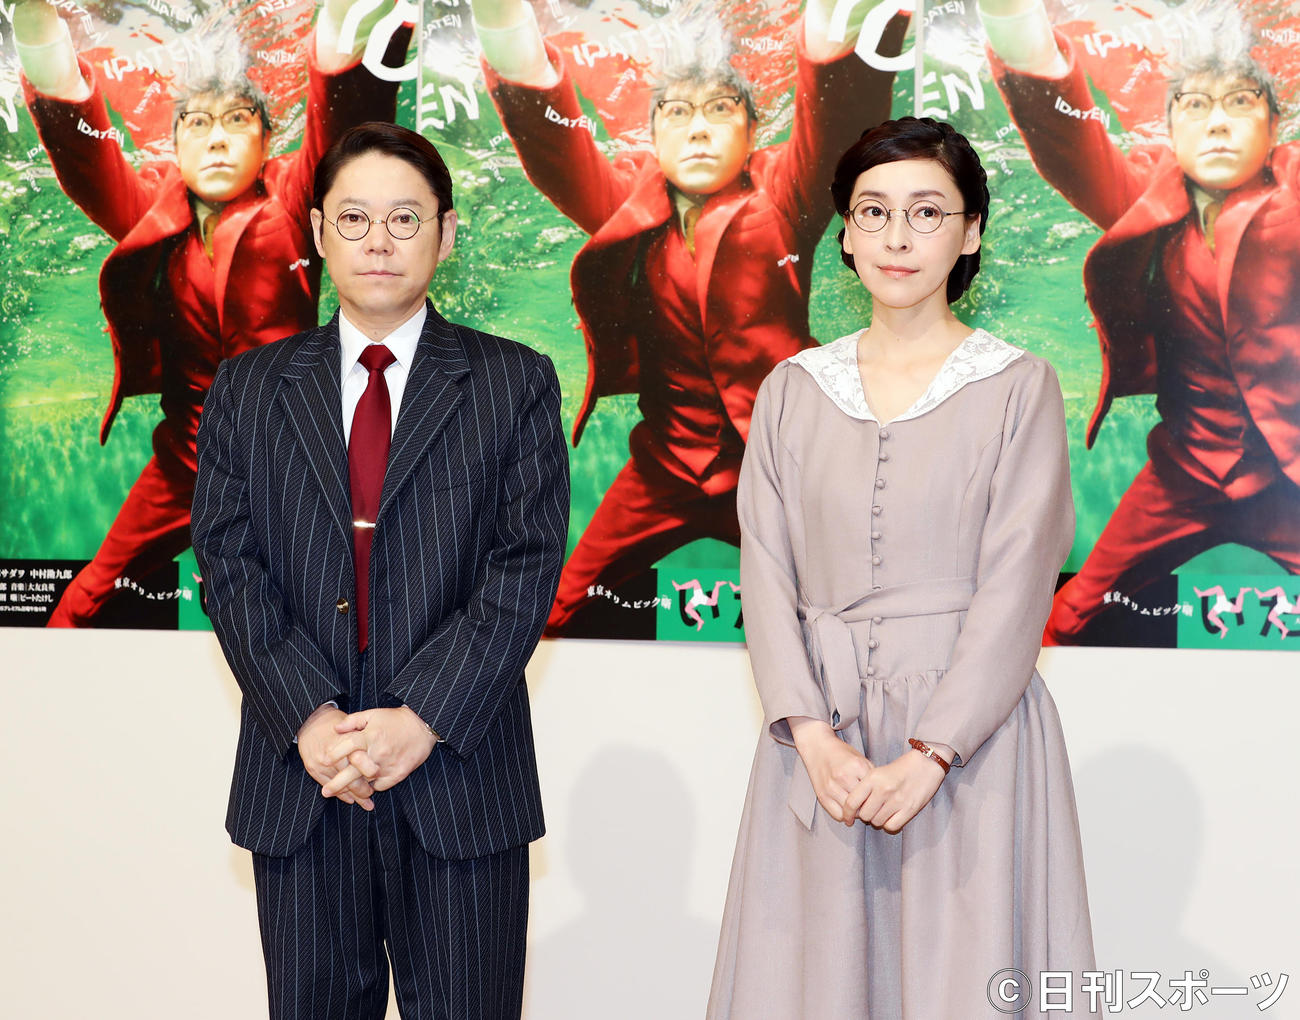 田畑 政治 結婚